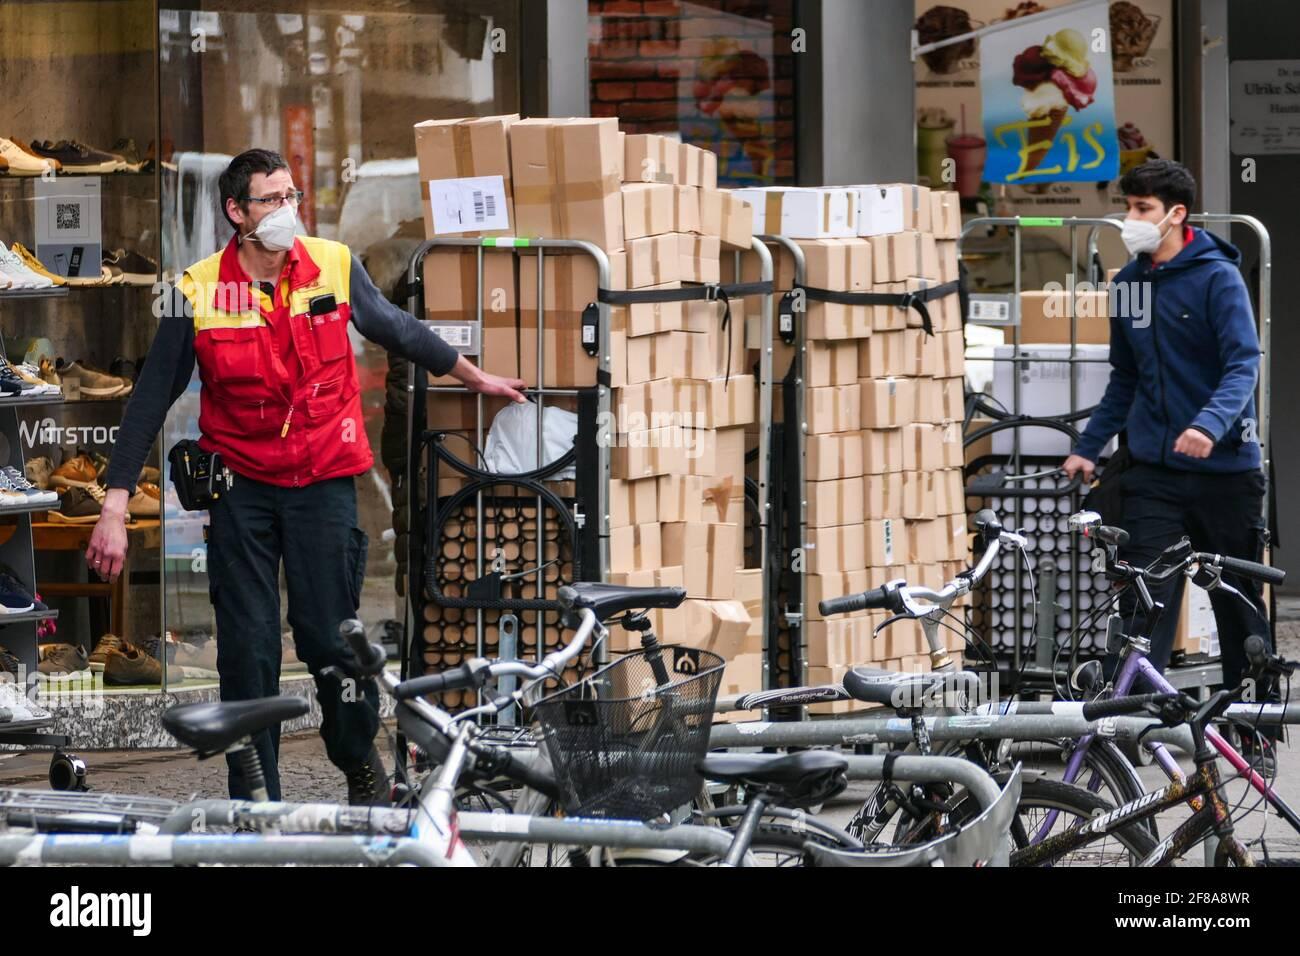 Berlín, Alemania. 12th de Abr de 2021. Un mensajero que lleva una máscara lleva paquetes en Berlín, capital de Alemania, el 12 de abril de 2021. Más de tres millones de infecciones por COVID-19 se han registrado en Alemania el lunes desde el brote de la pandemia, según el Instituto Robert Koch (RKI). Crédito: Stefan Zeitz/Xinhua/Alamy Live News Foto de stock